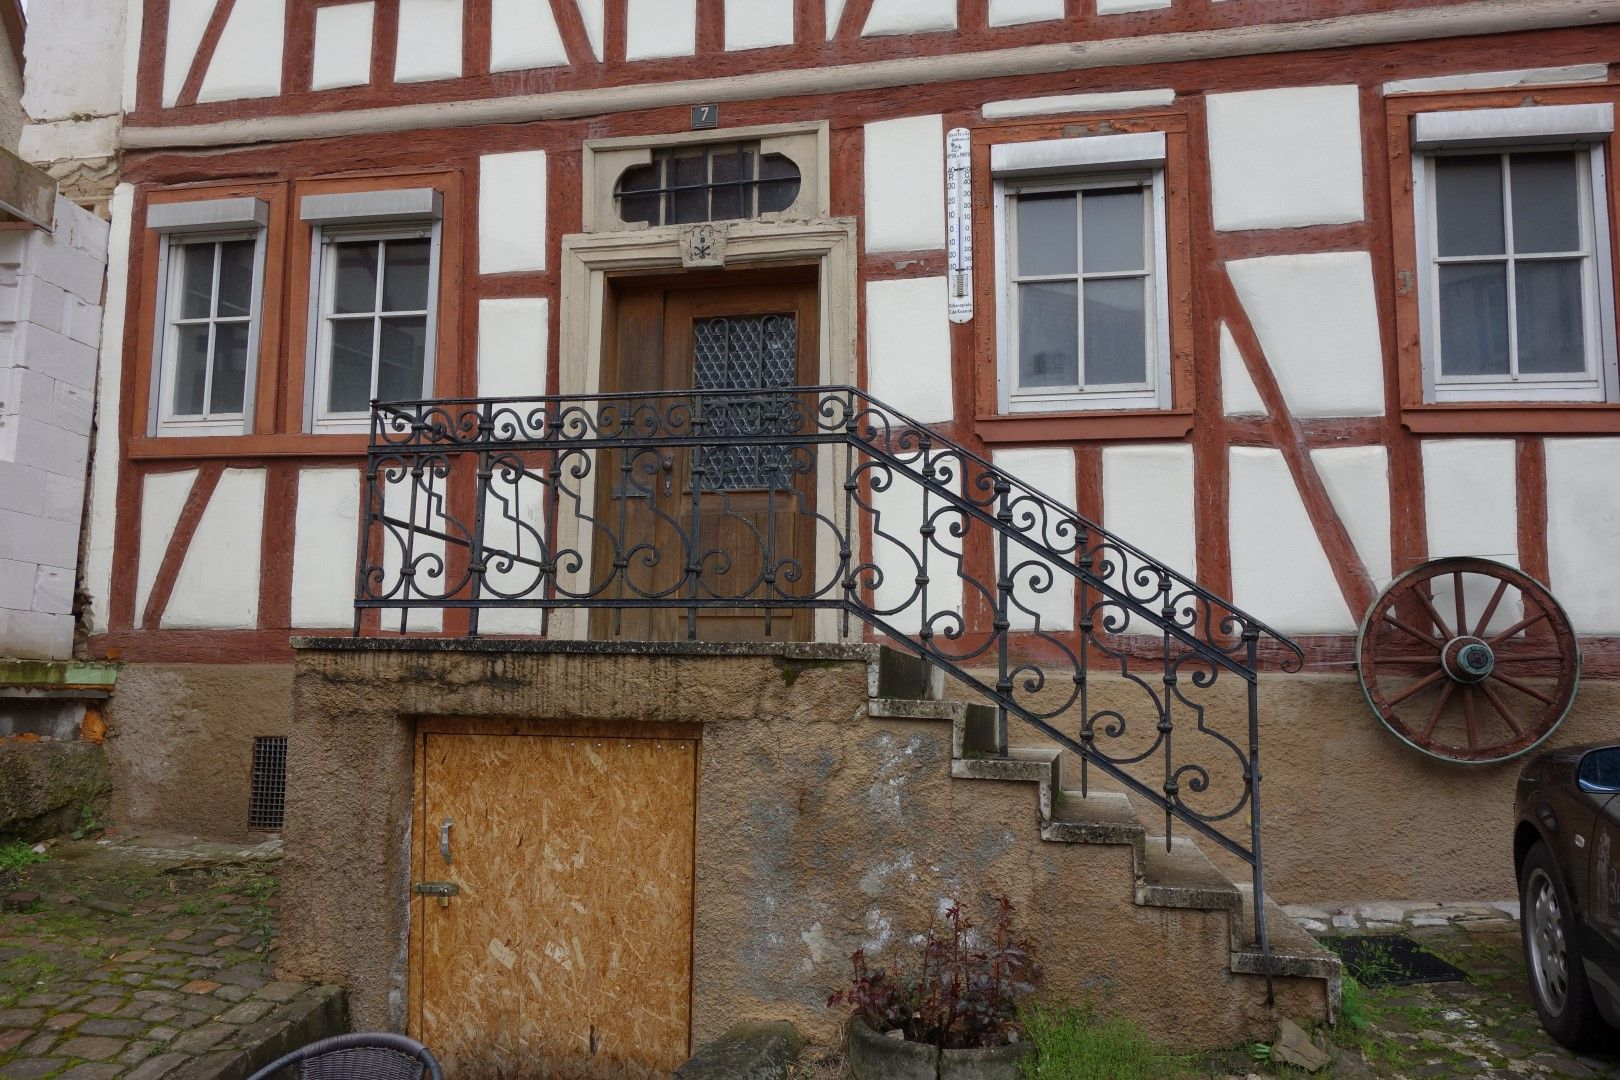 Geländer aus Metall vor Fachwerkhaus in Braunfels